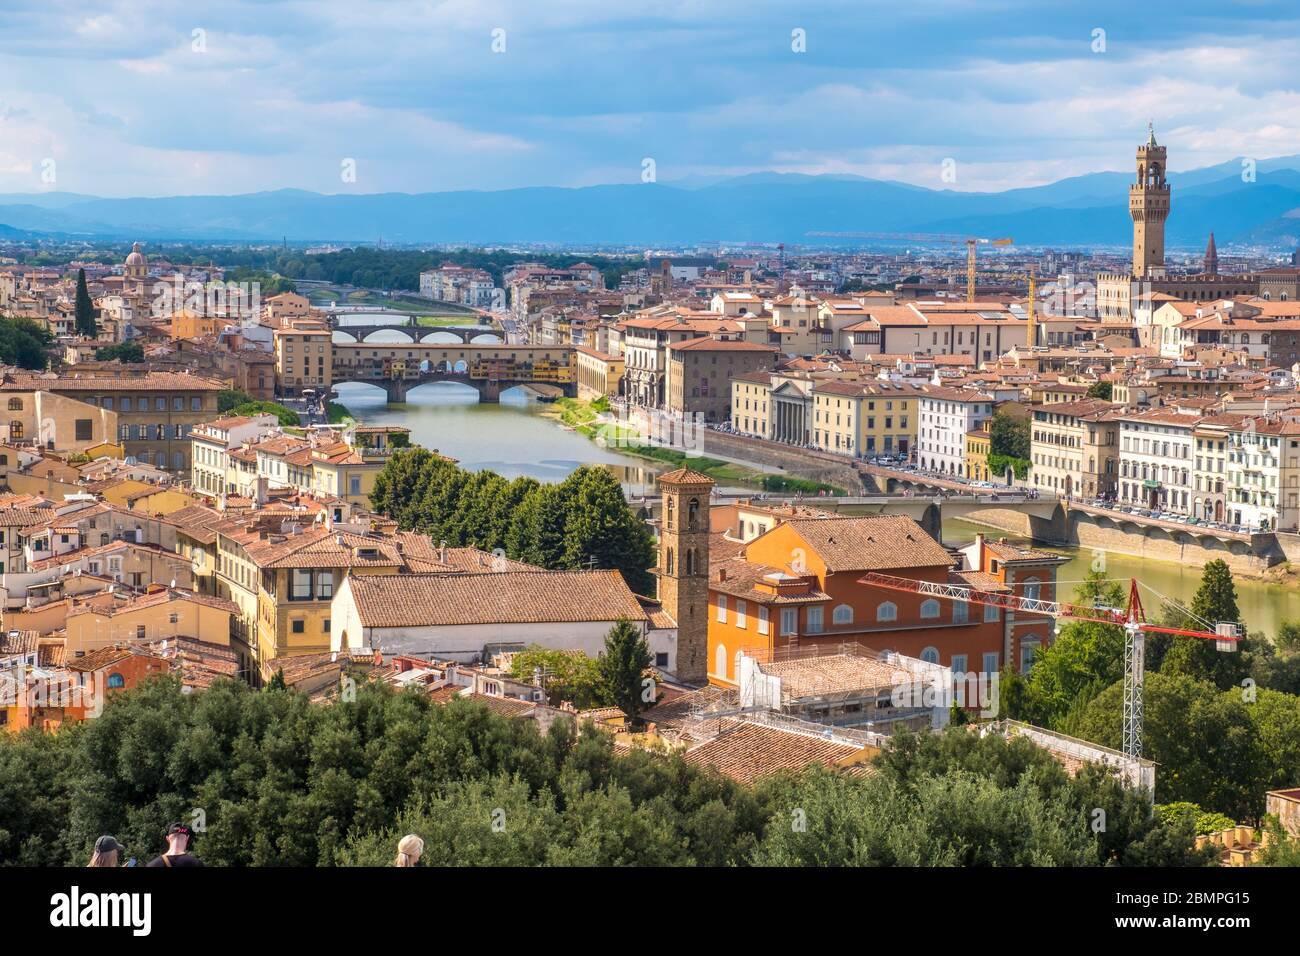 Florencia, Italia - 16 de agosto de 2019: Vista del horizonte de Florencia y el paisaje de la Toscana, Italia Foto de stock